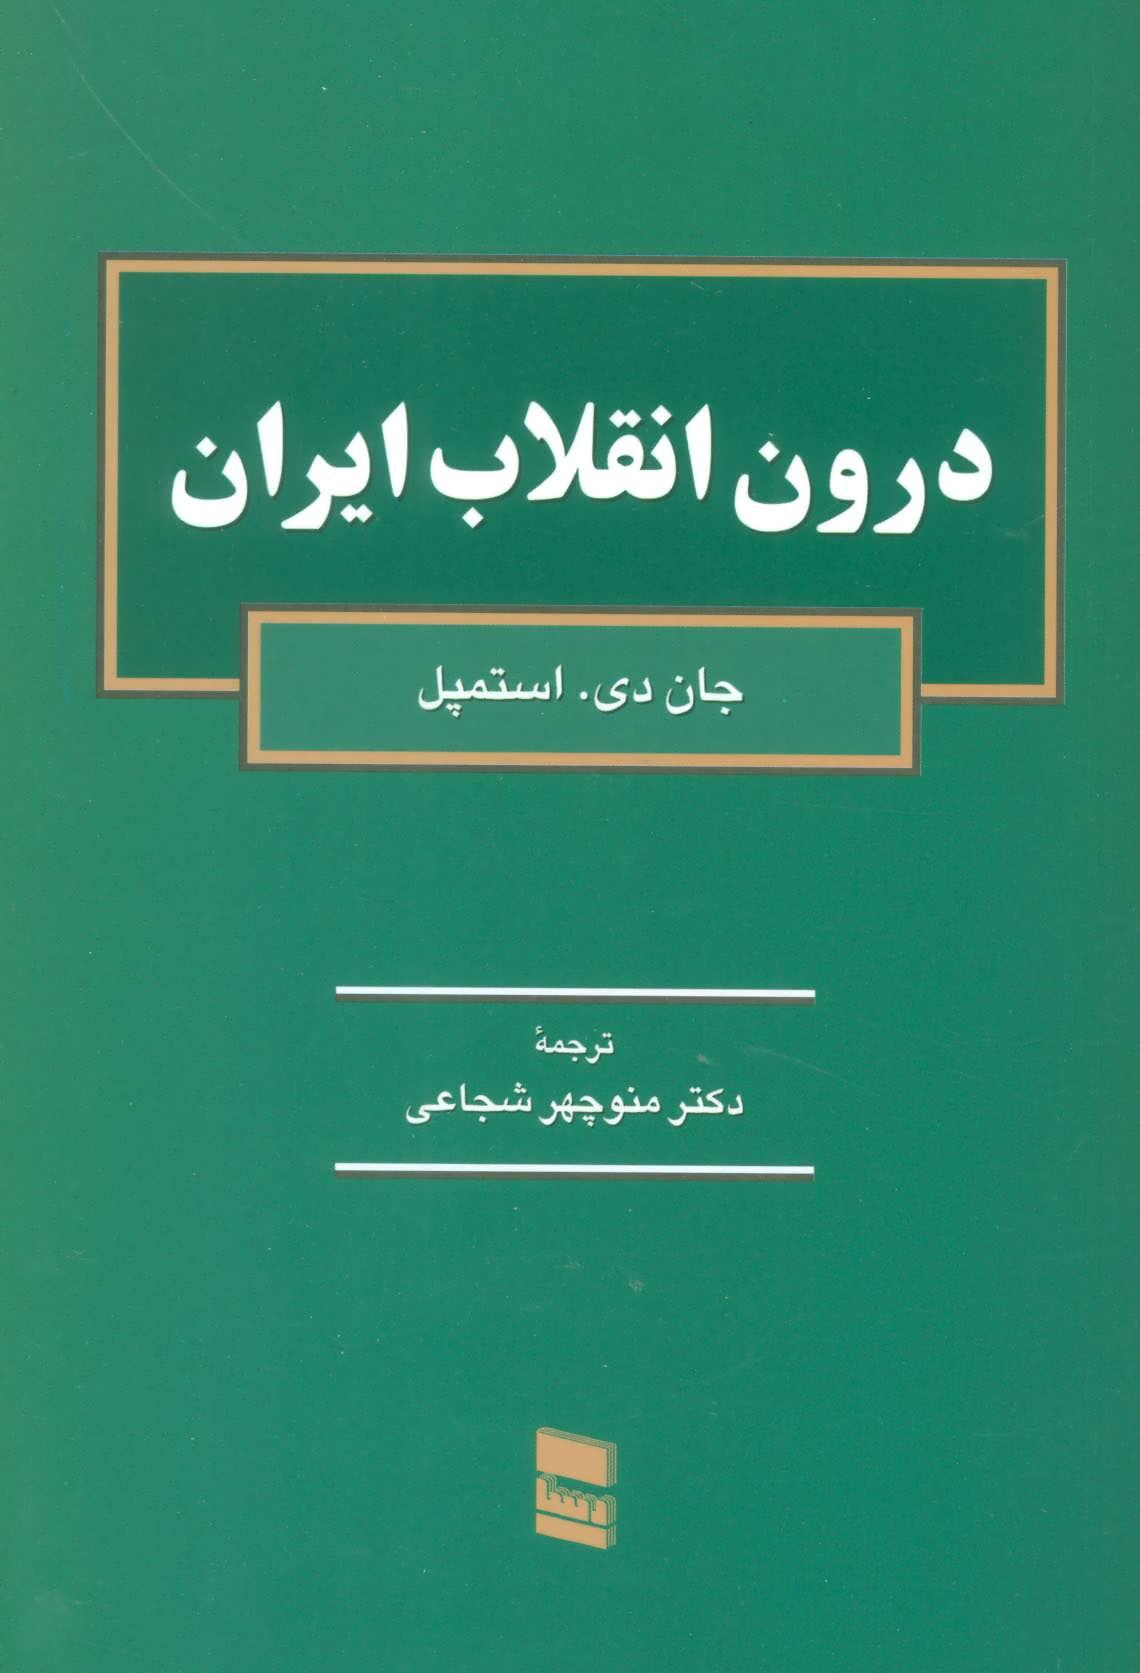 درون انقلاب ایران